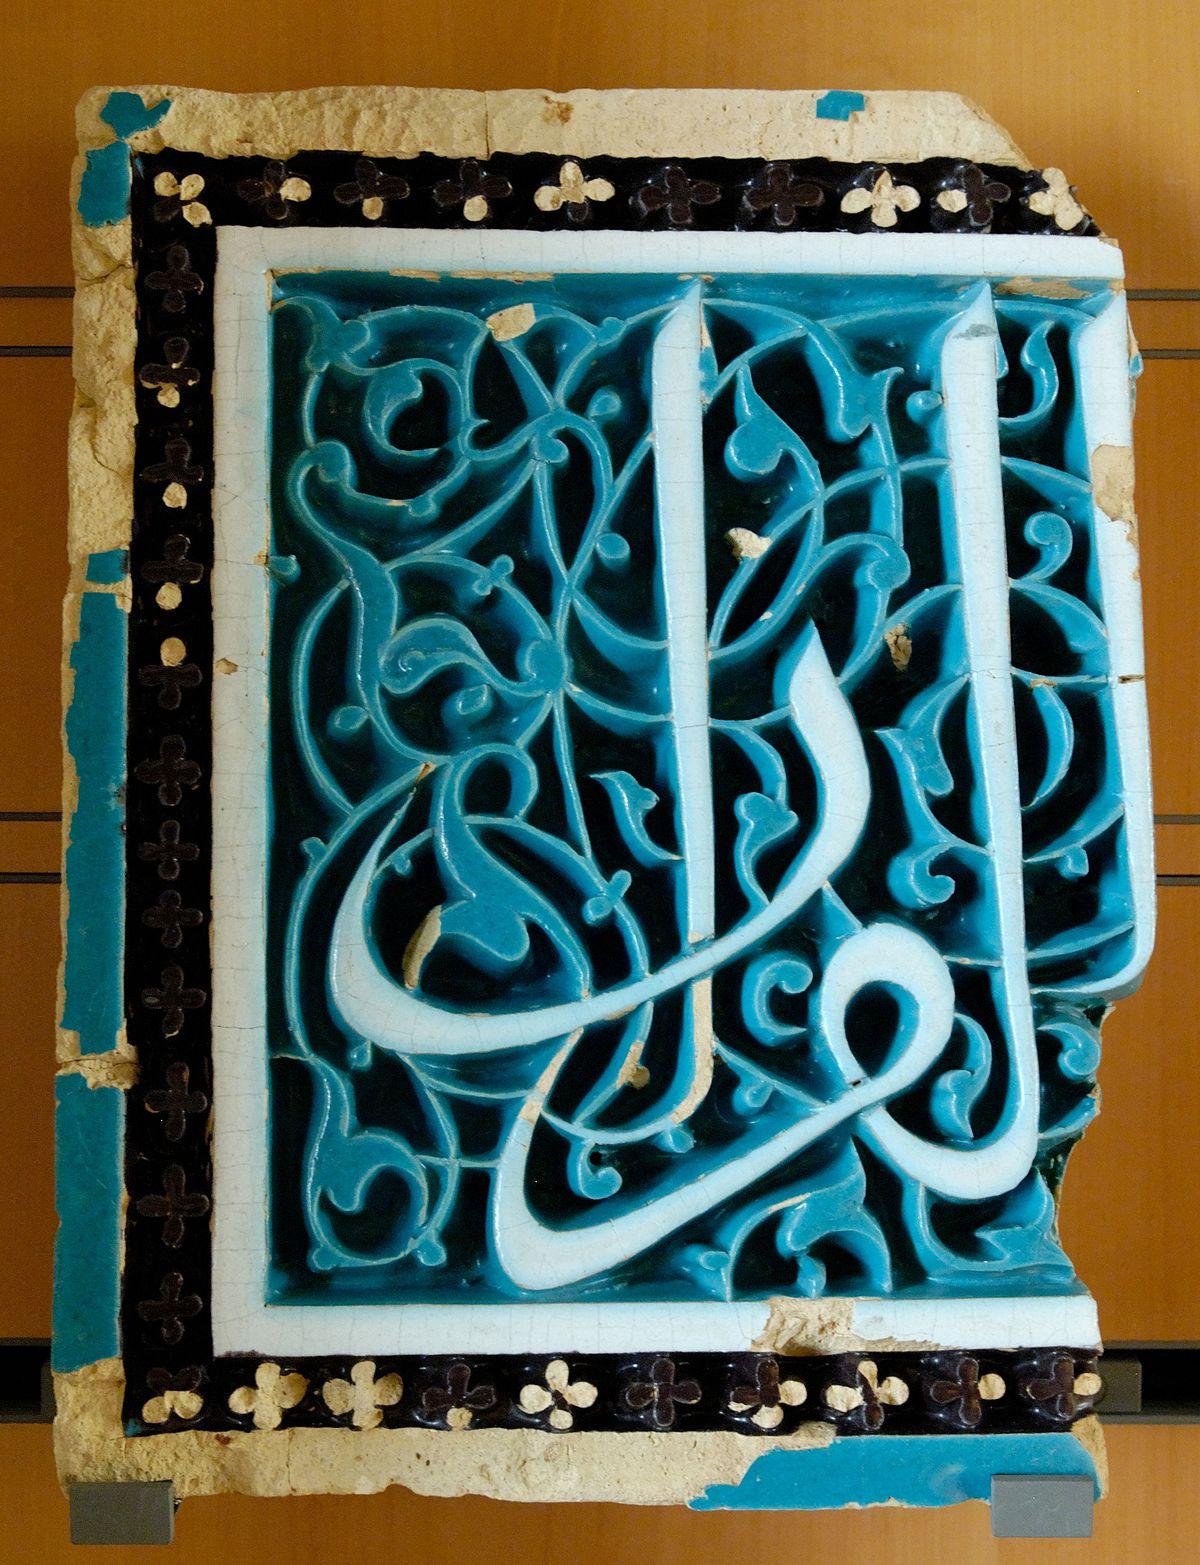 بالصور زخرفة عربية , اللغه العربيه و زخرفه الكلمات 3482 2